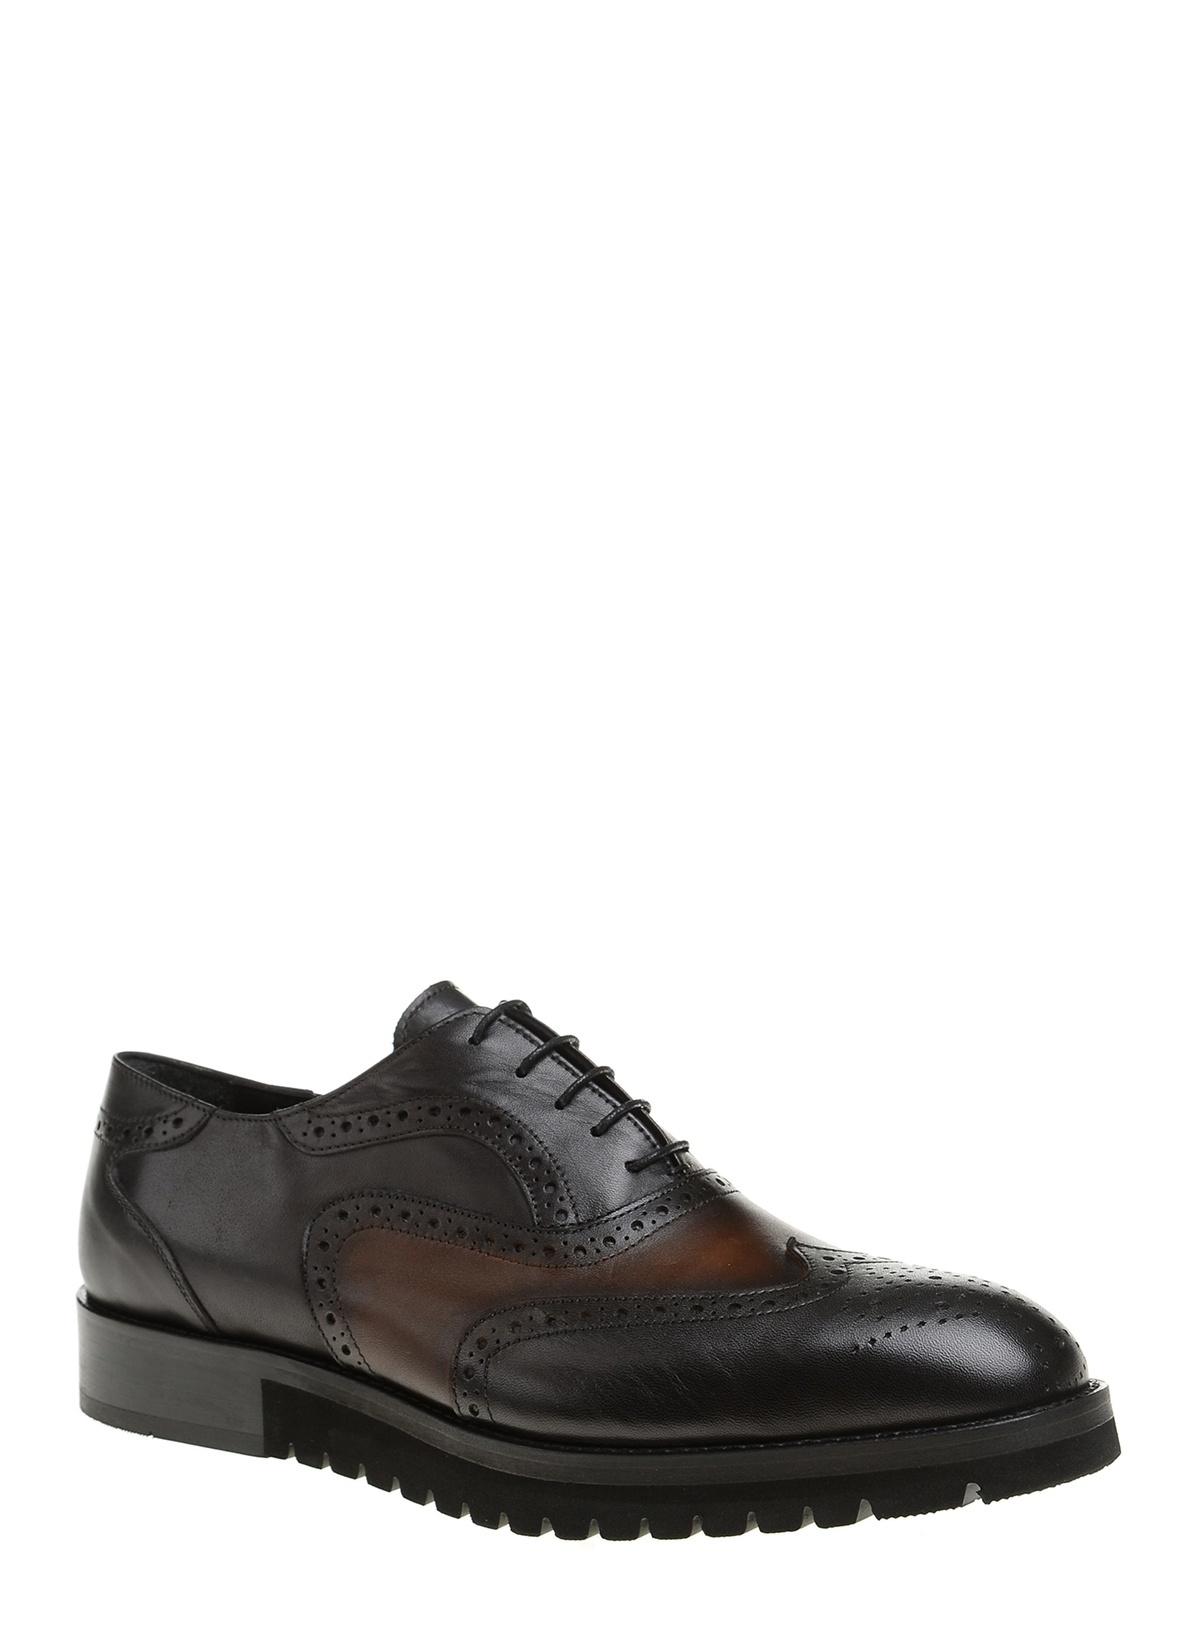 Divarese %100 Deri Oxford Ayakkabı 5020420 E Ayakkabı – 309.0 TL